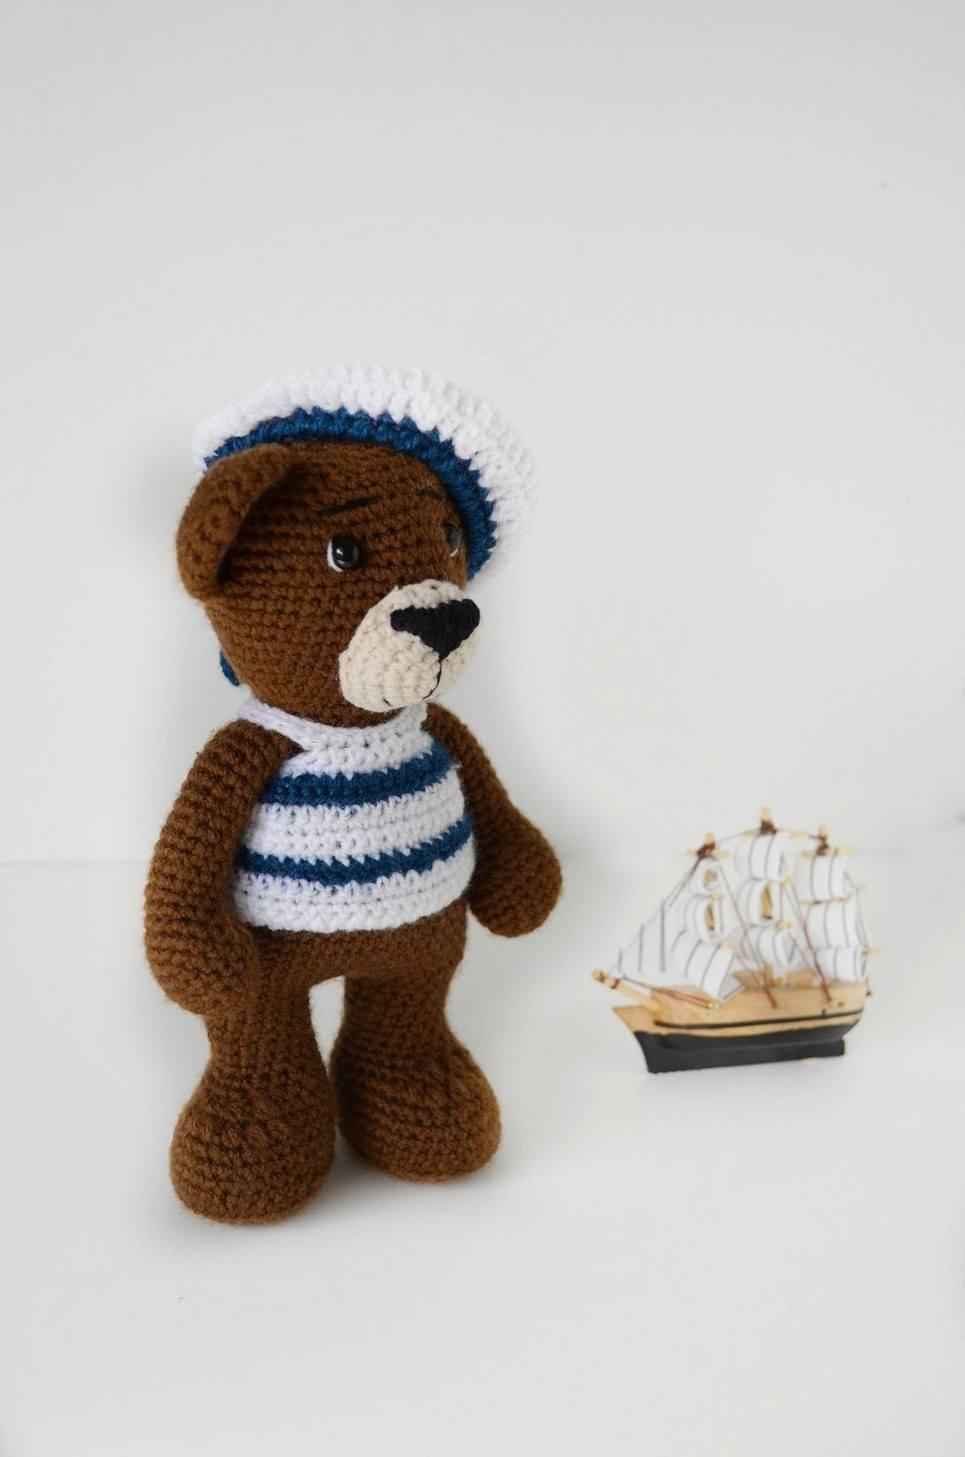 Sailor Crochet Child Teddy Bear